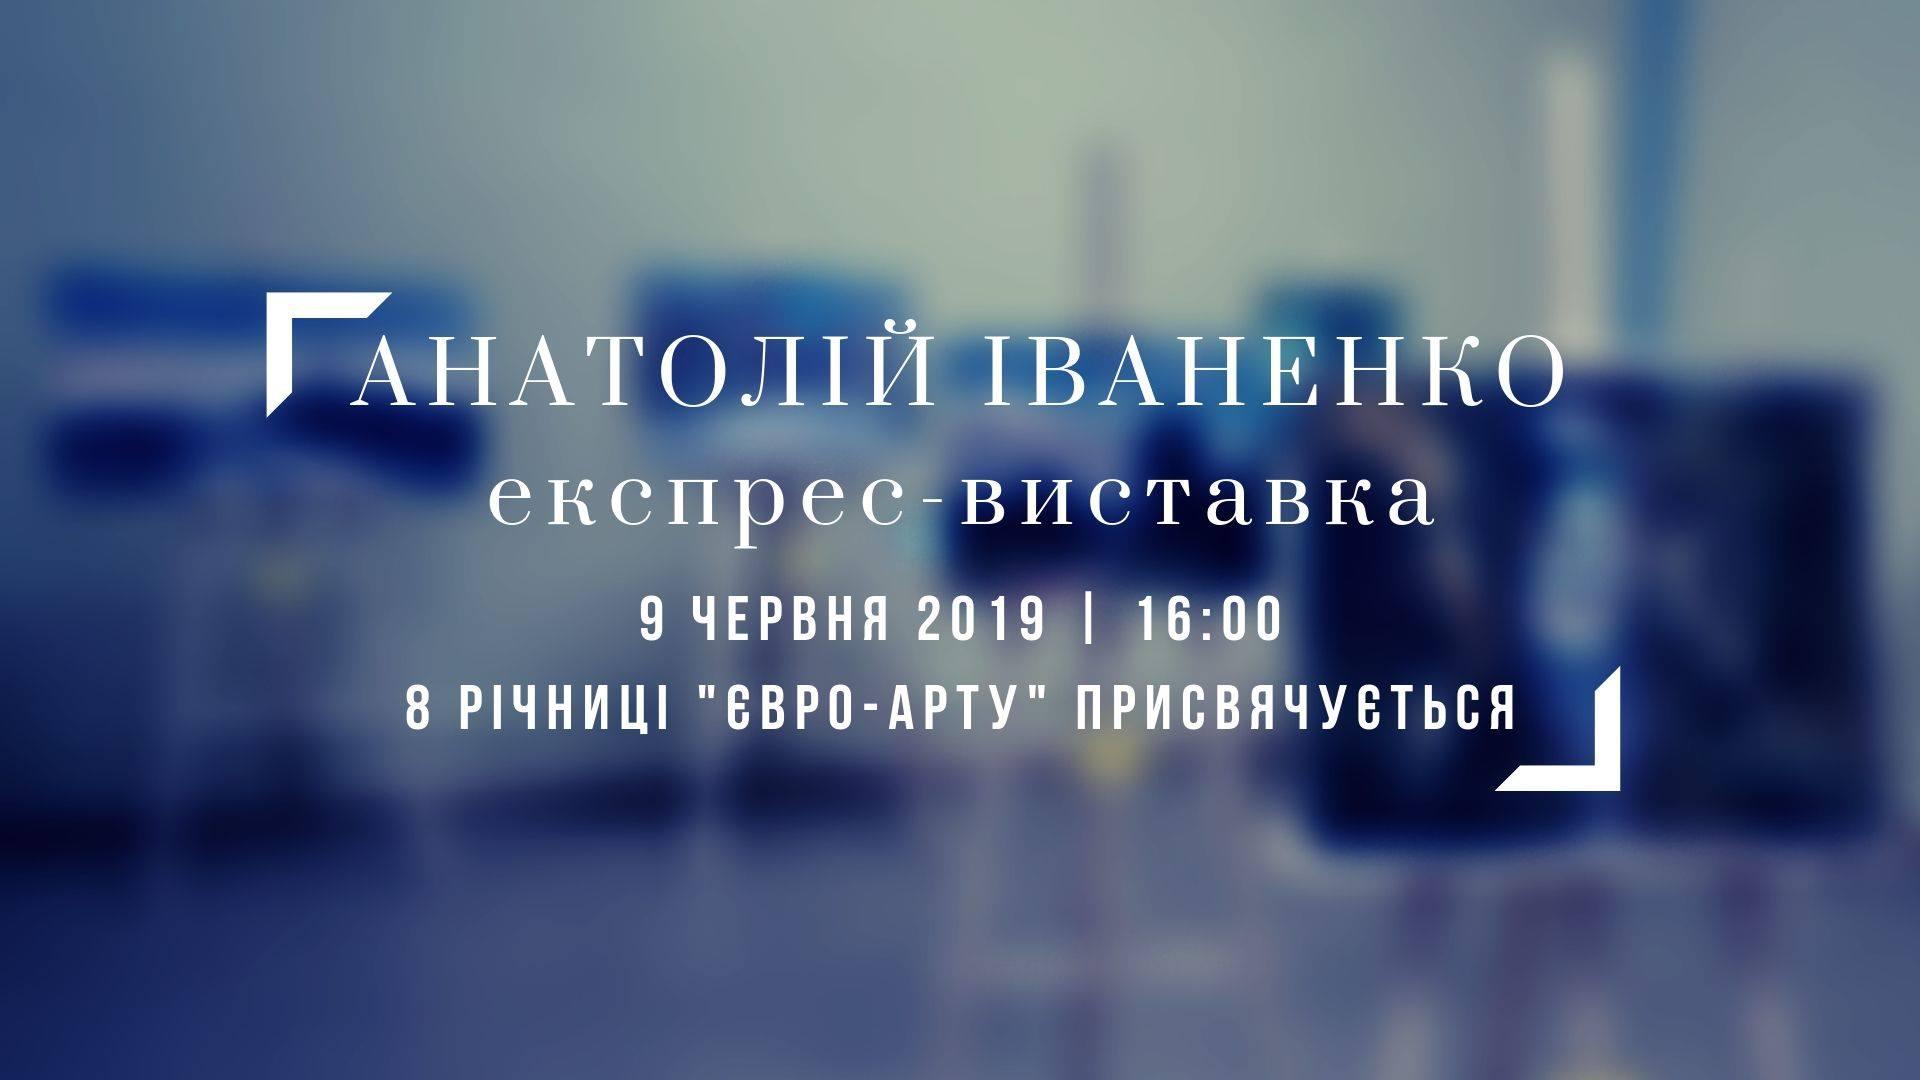 Рівнянам презентують експрес-виставку Анатолія Іваненка